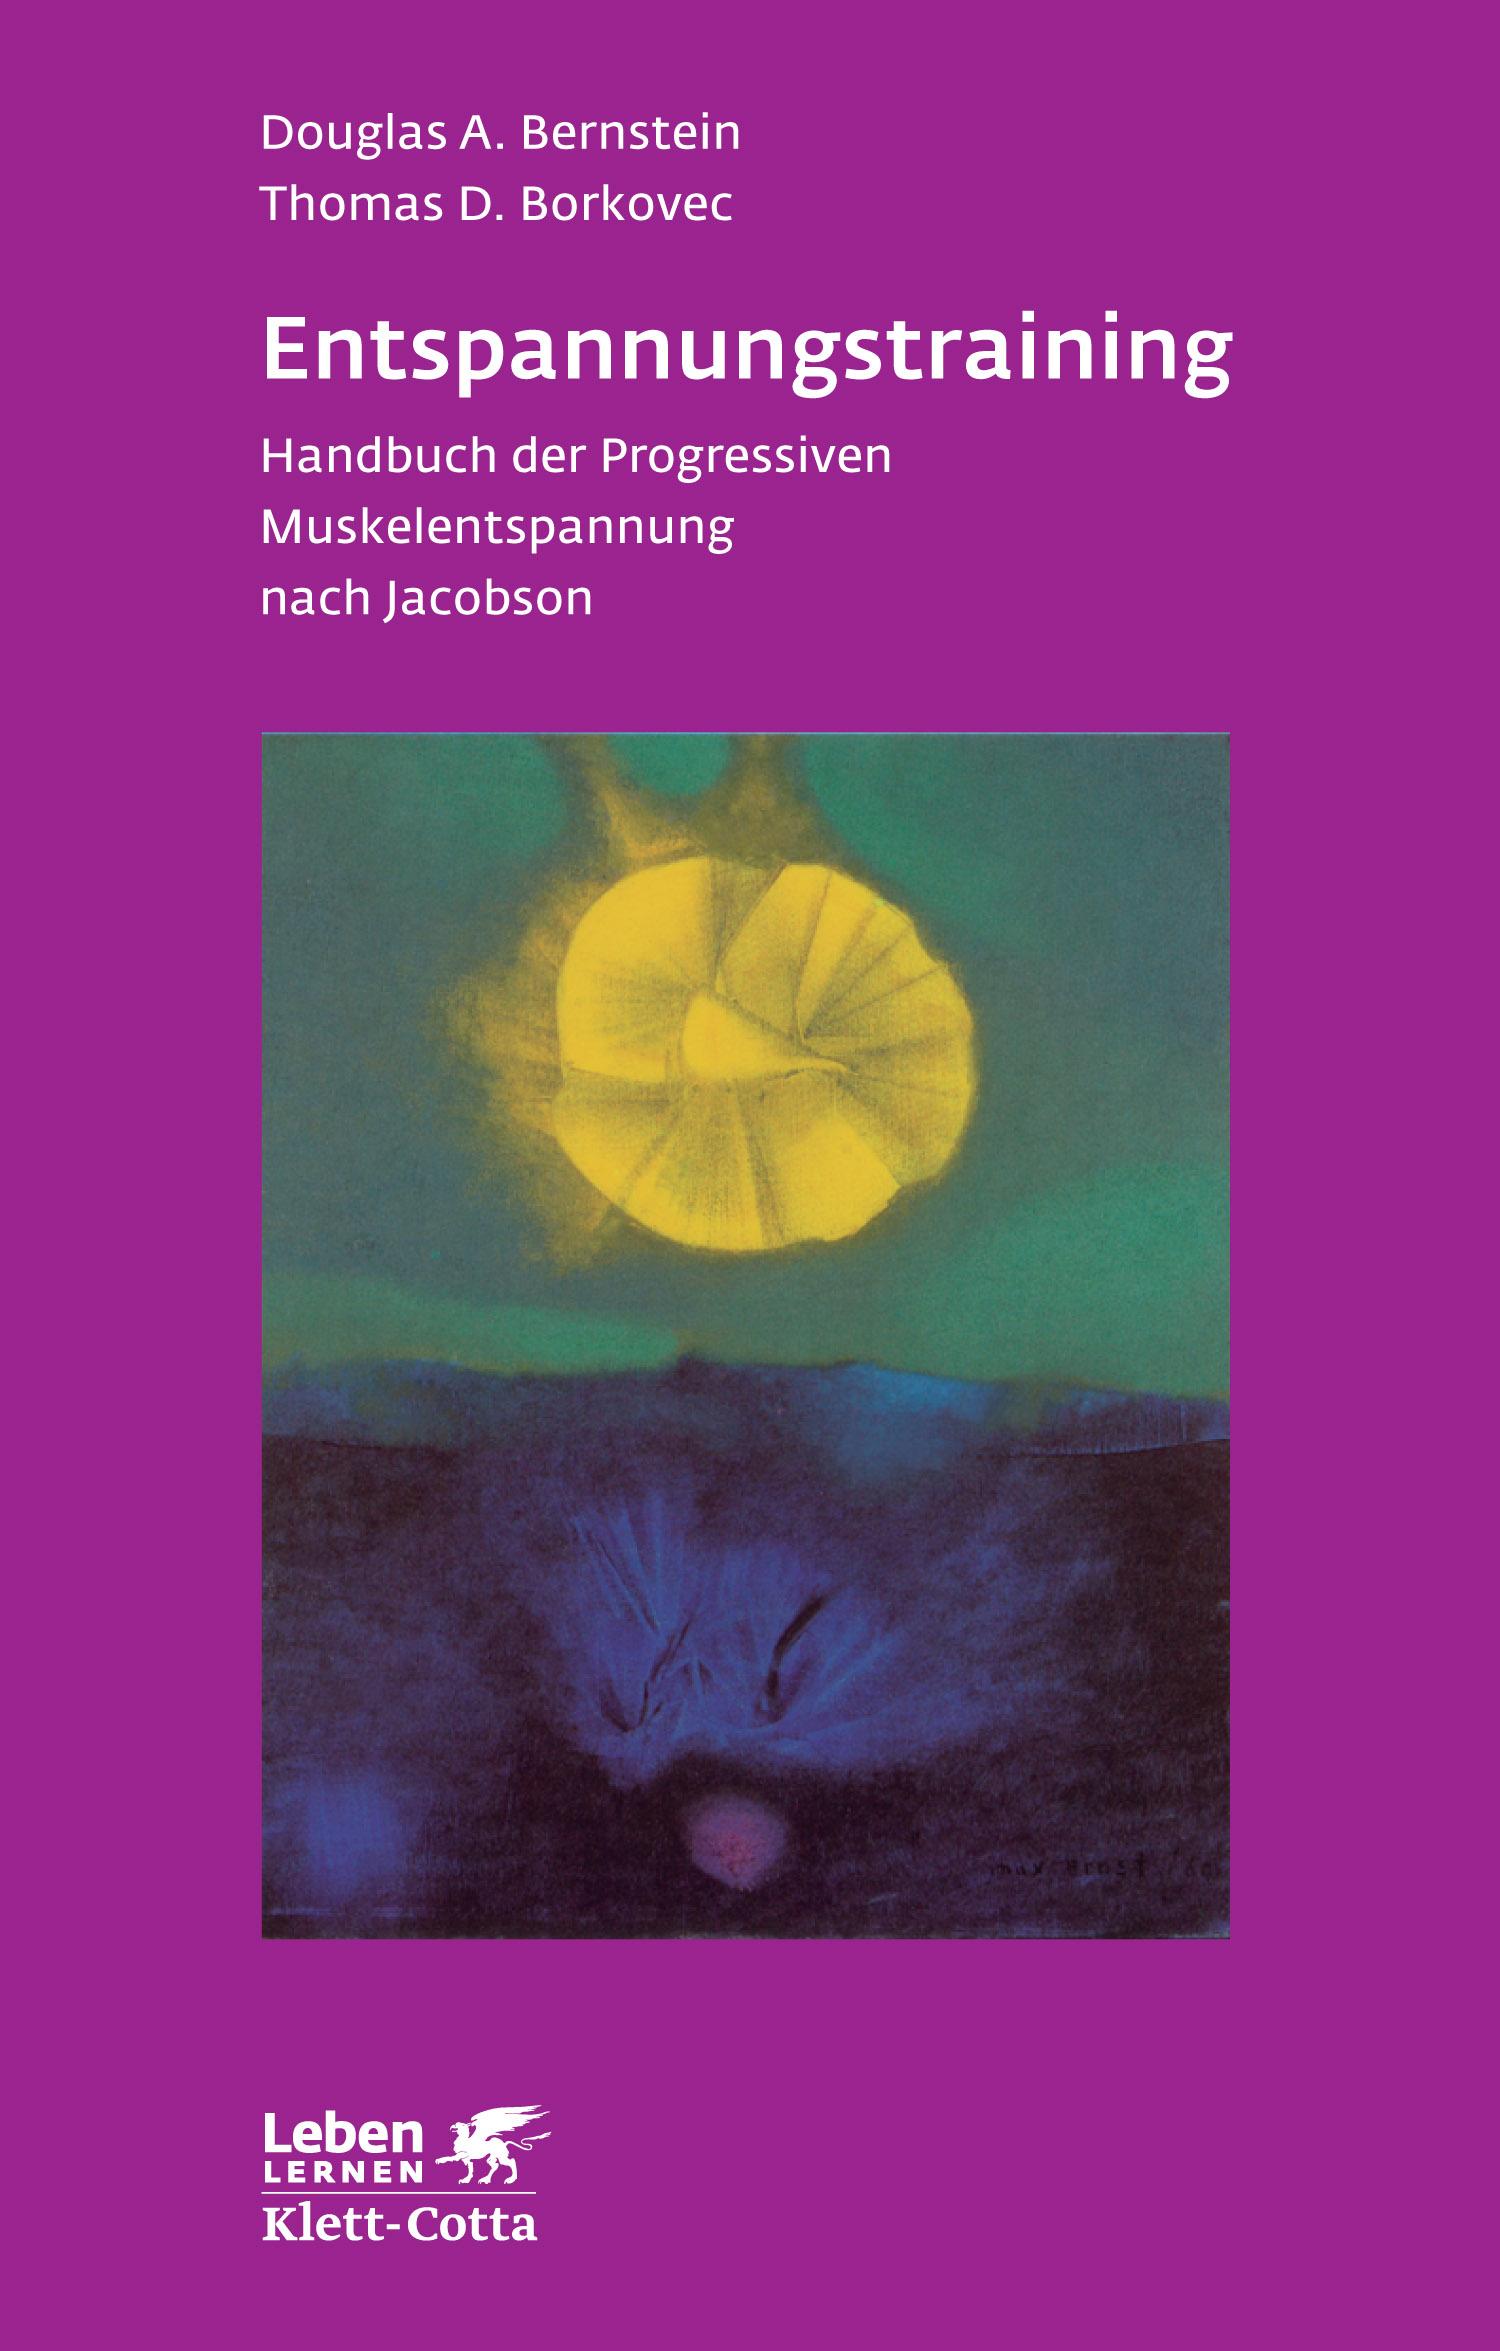 Entspannungstraining: Handbuch der progressiven Muskelentspannung - Douglas A. Bernstein